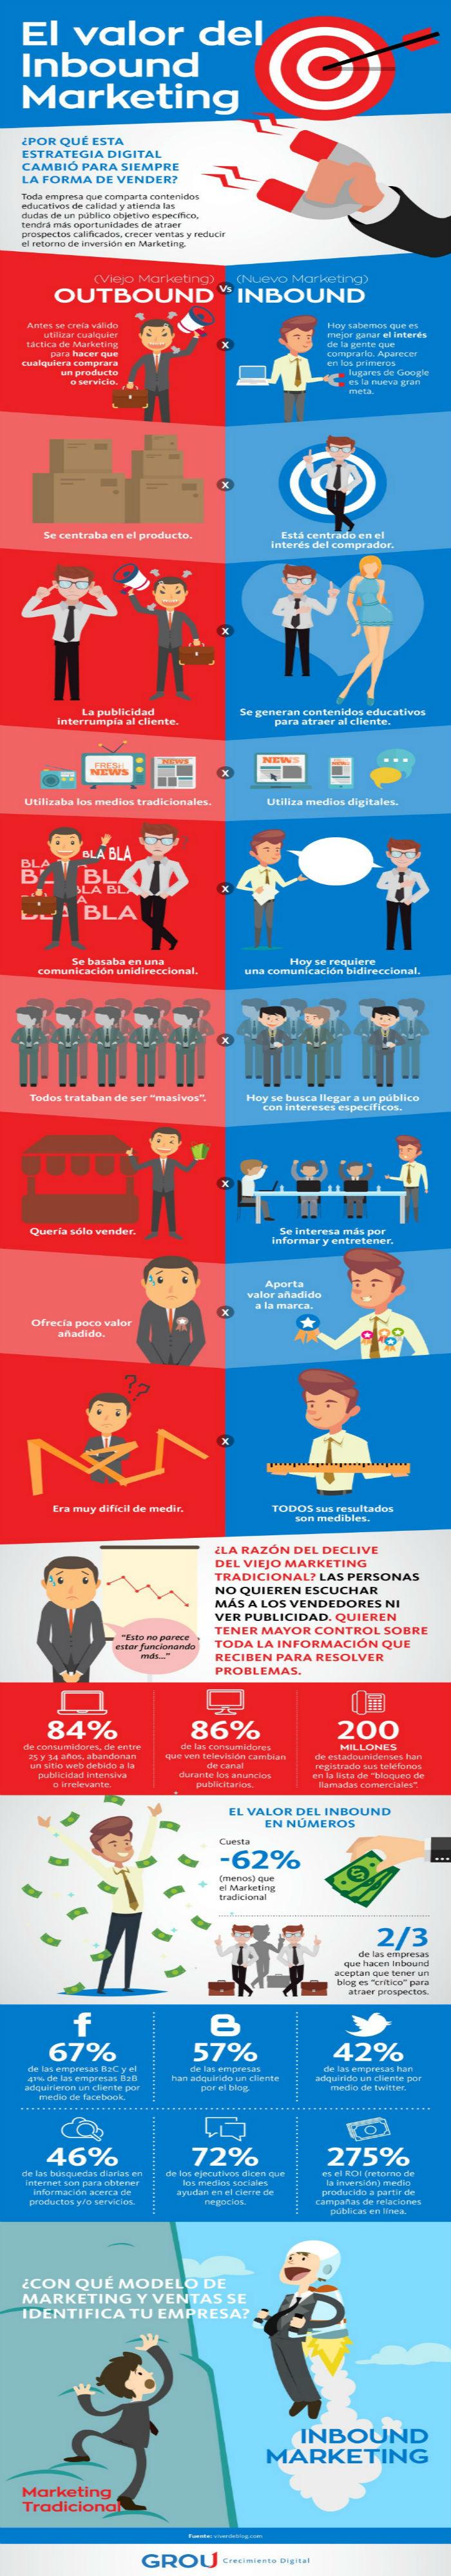 ¿ Por qué adoptar una estrategia Inbound Marketing en tu Empresa ?